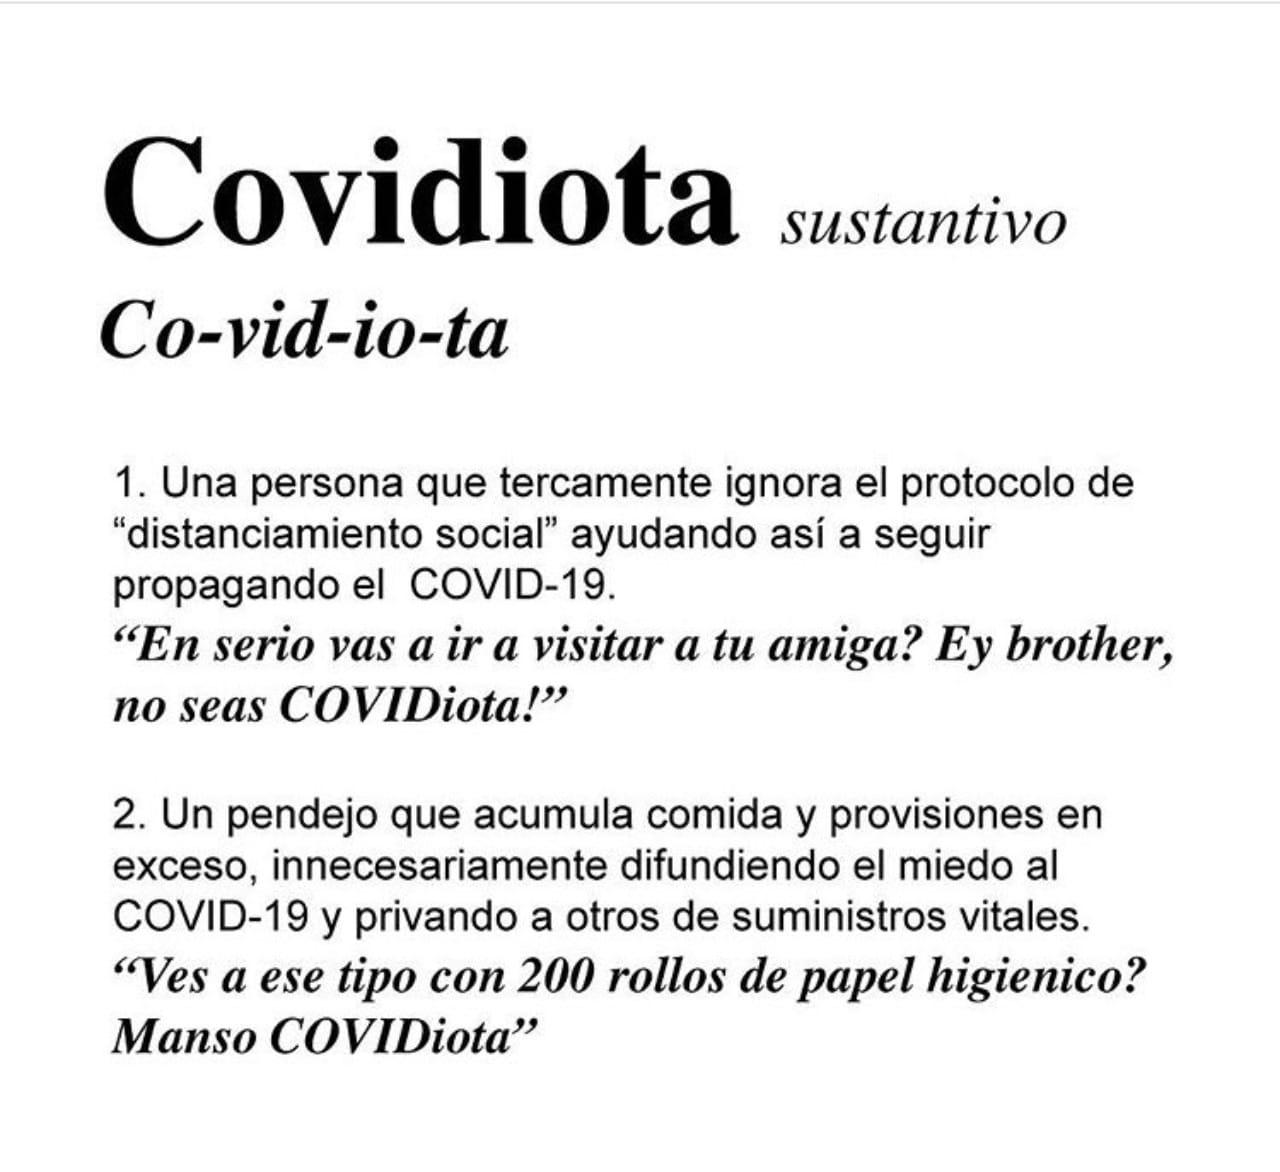 Definición de covidiota